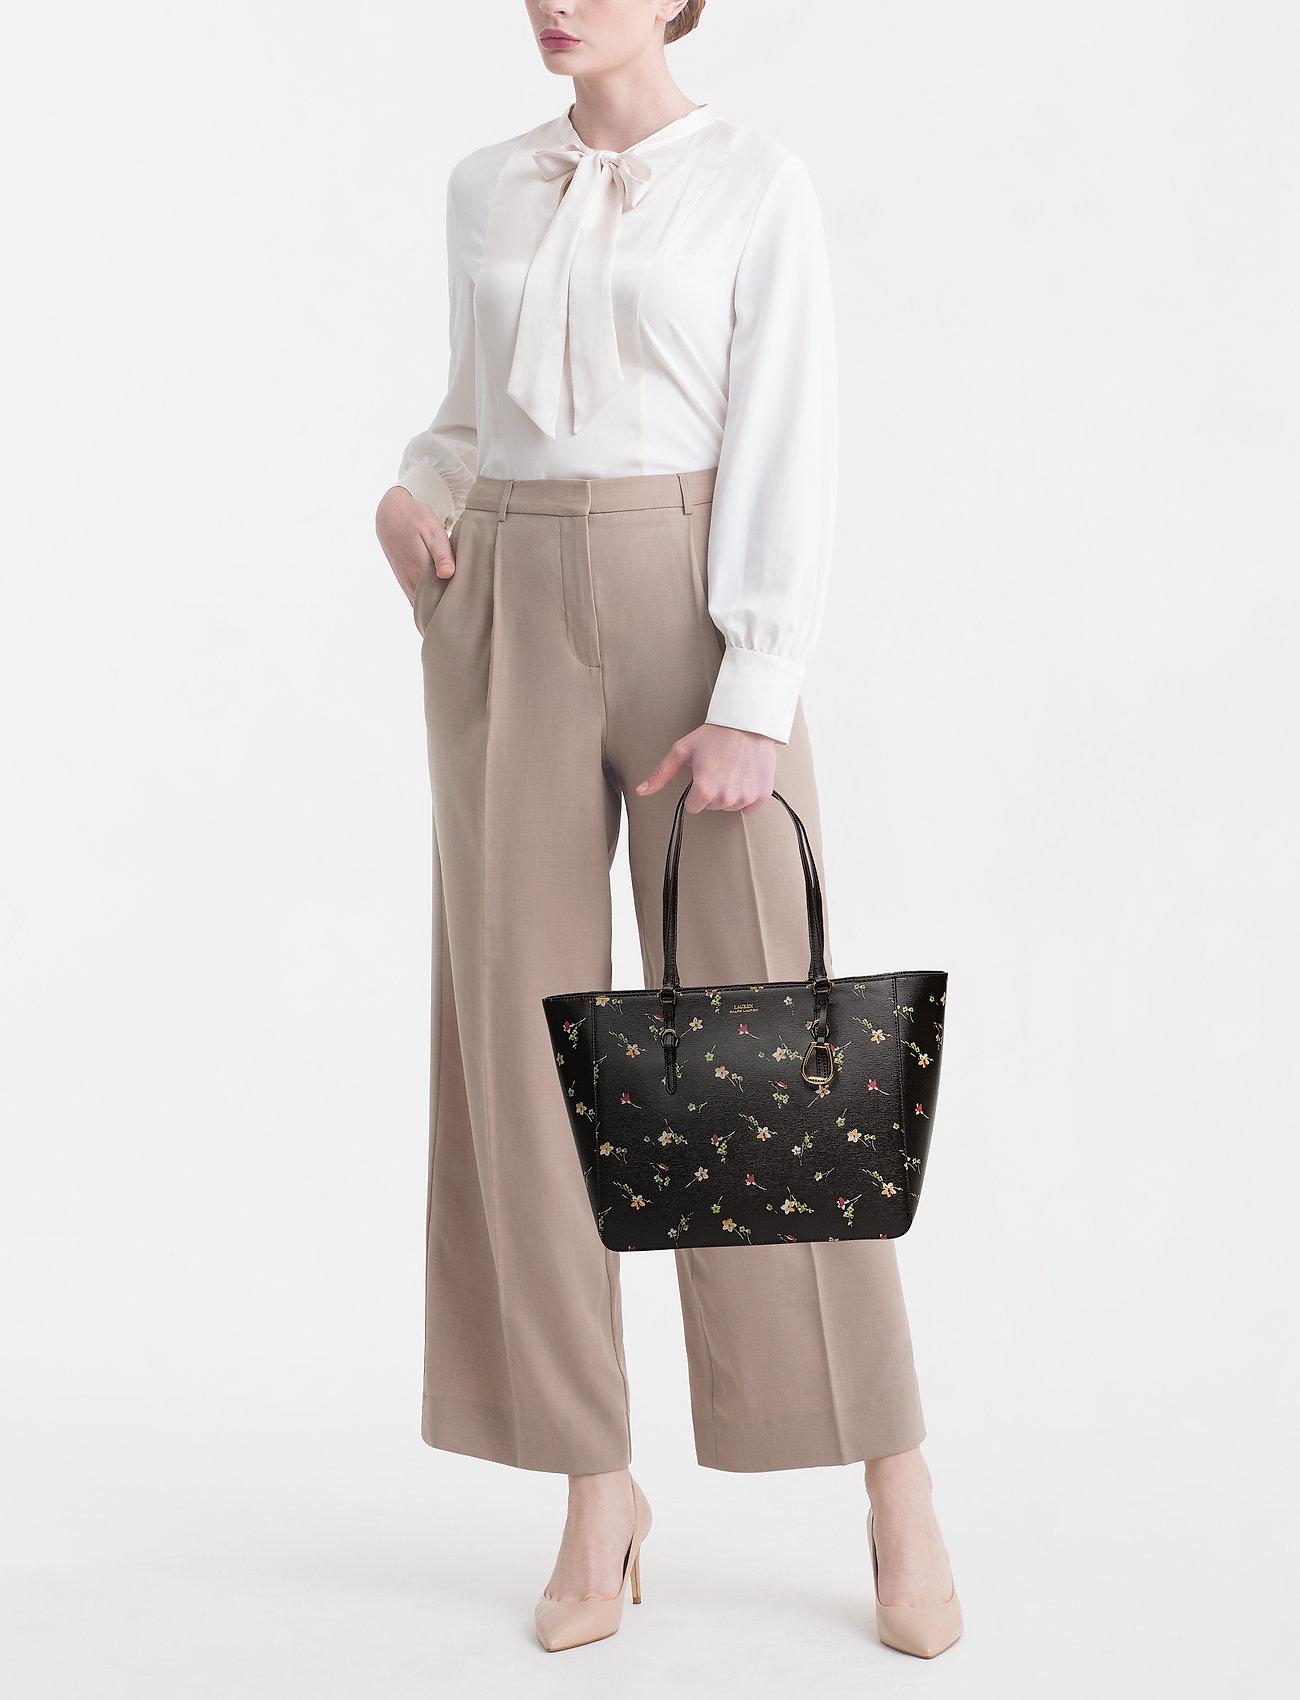 b261072d15 Floral Leather Tote (Black Vintage Flo) (161.40 €) - Lauren Ralph ...